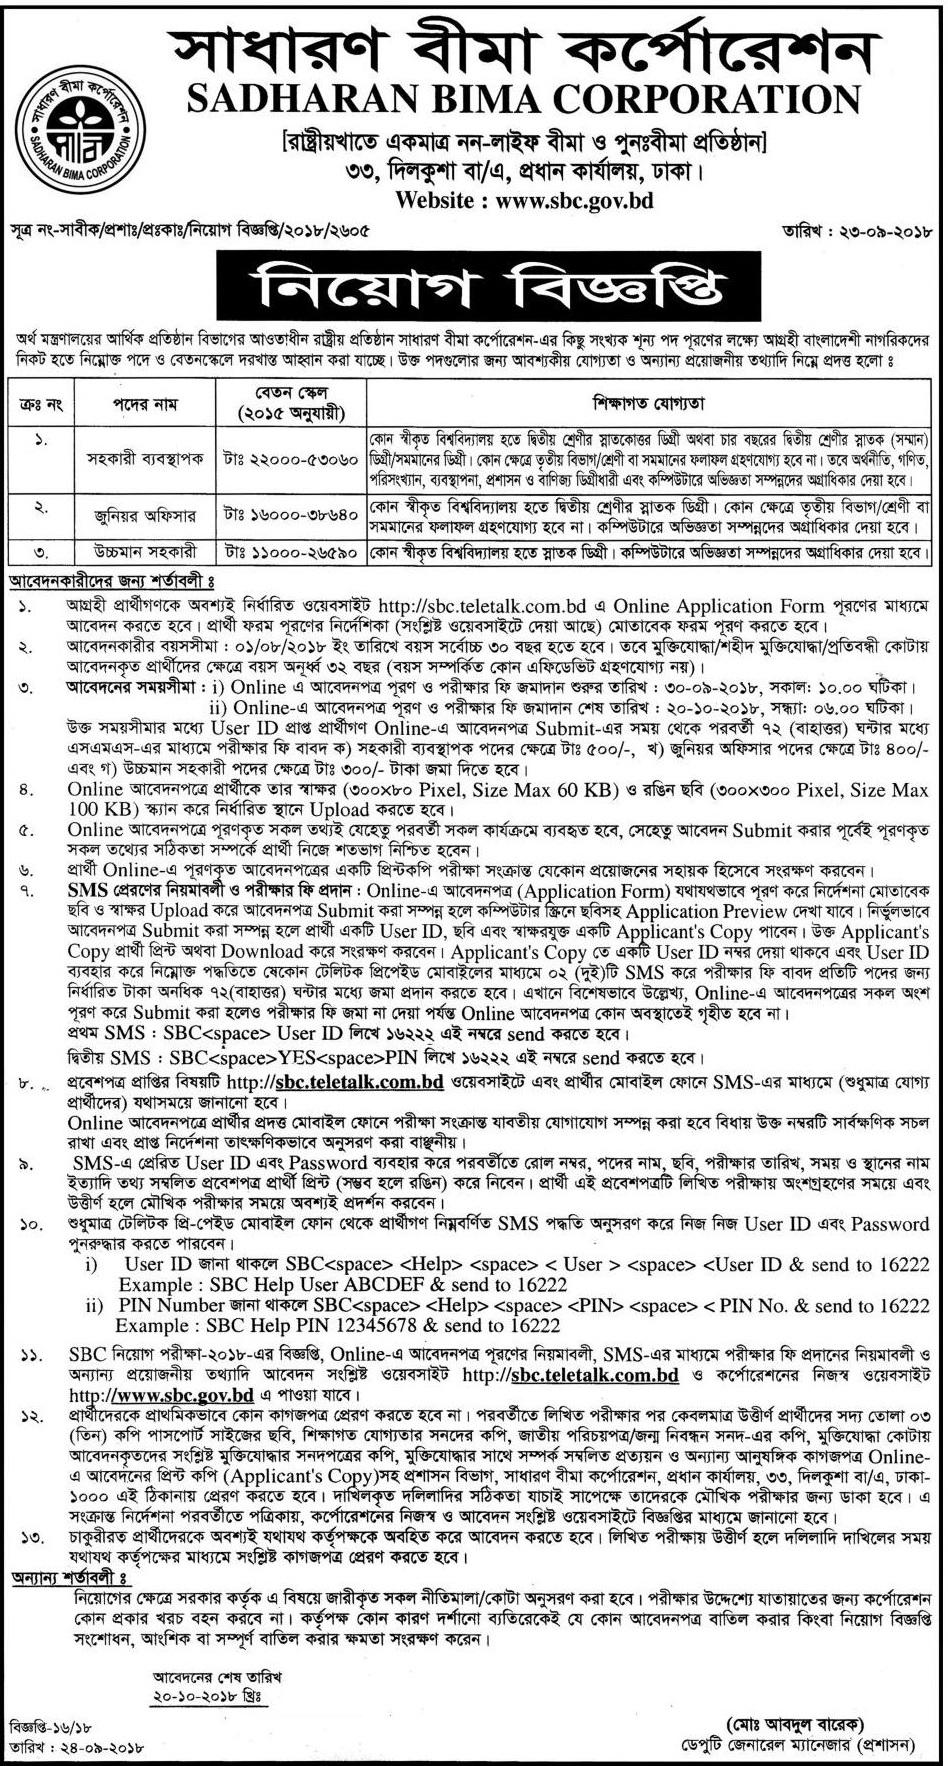 Sadharan Bima Corporation SBC Job Circular